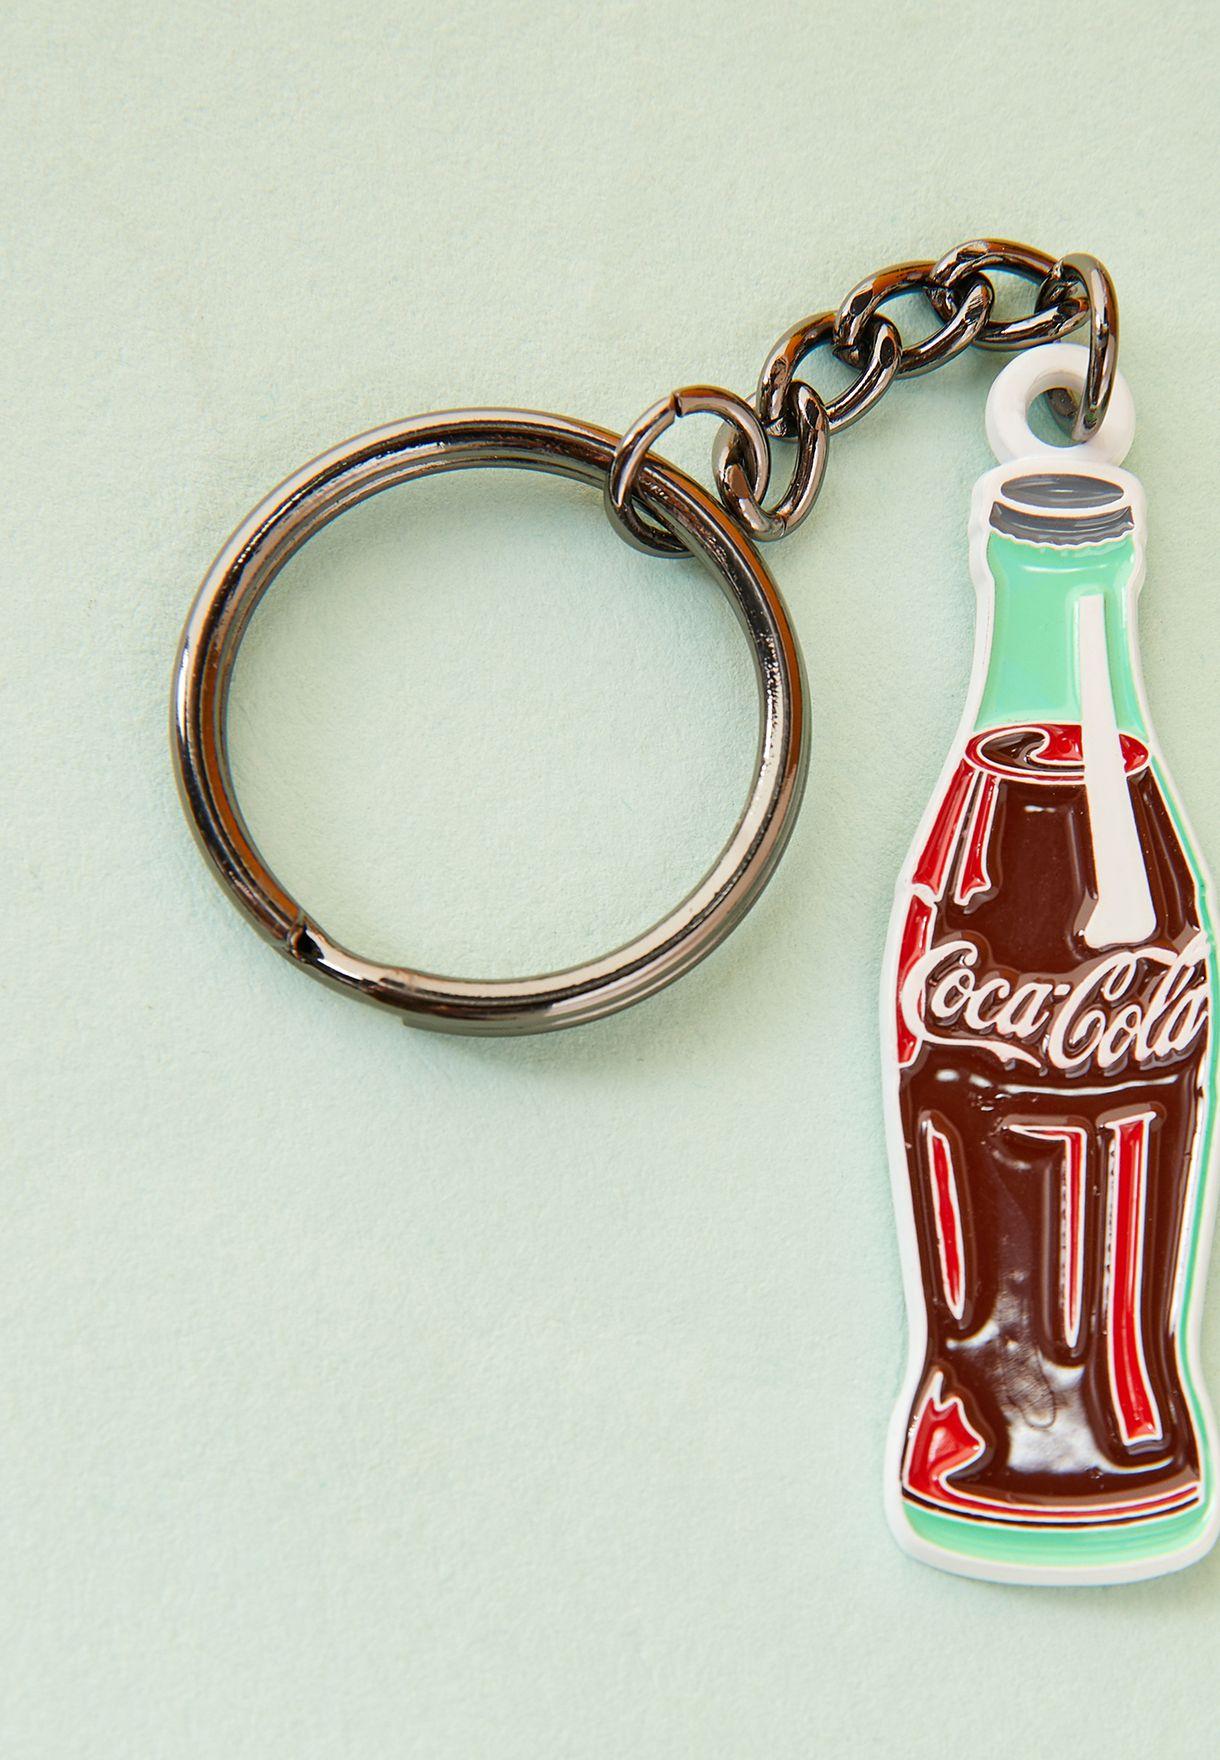 حلقة مفاتيح شكل كوكاكولا